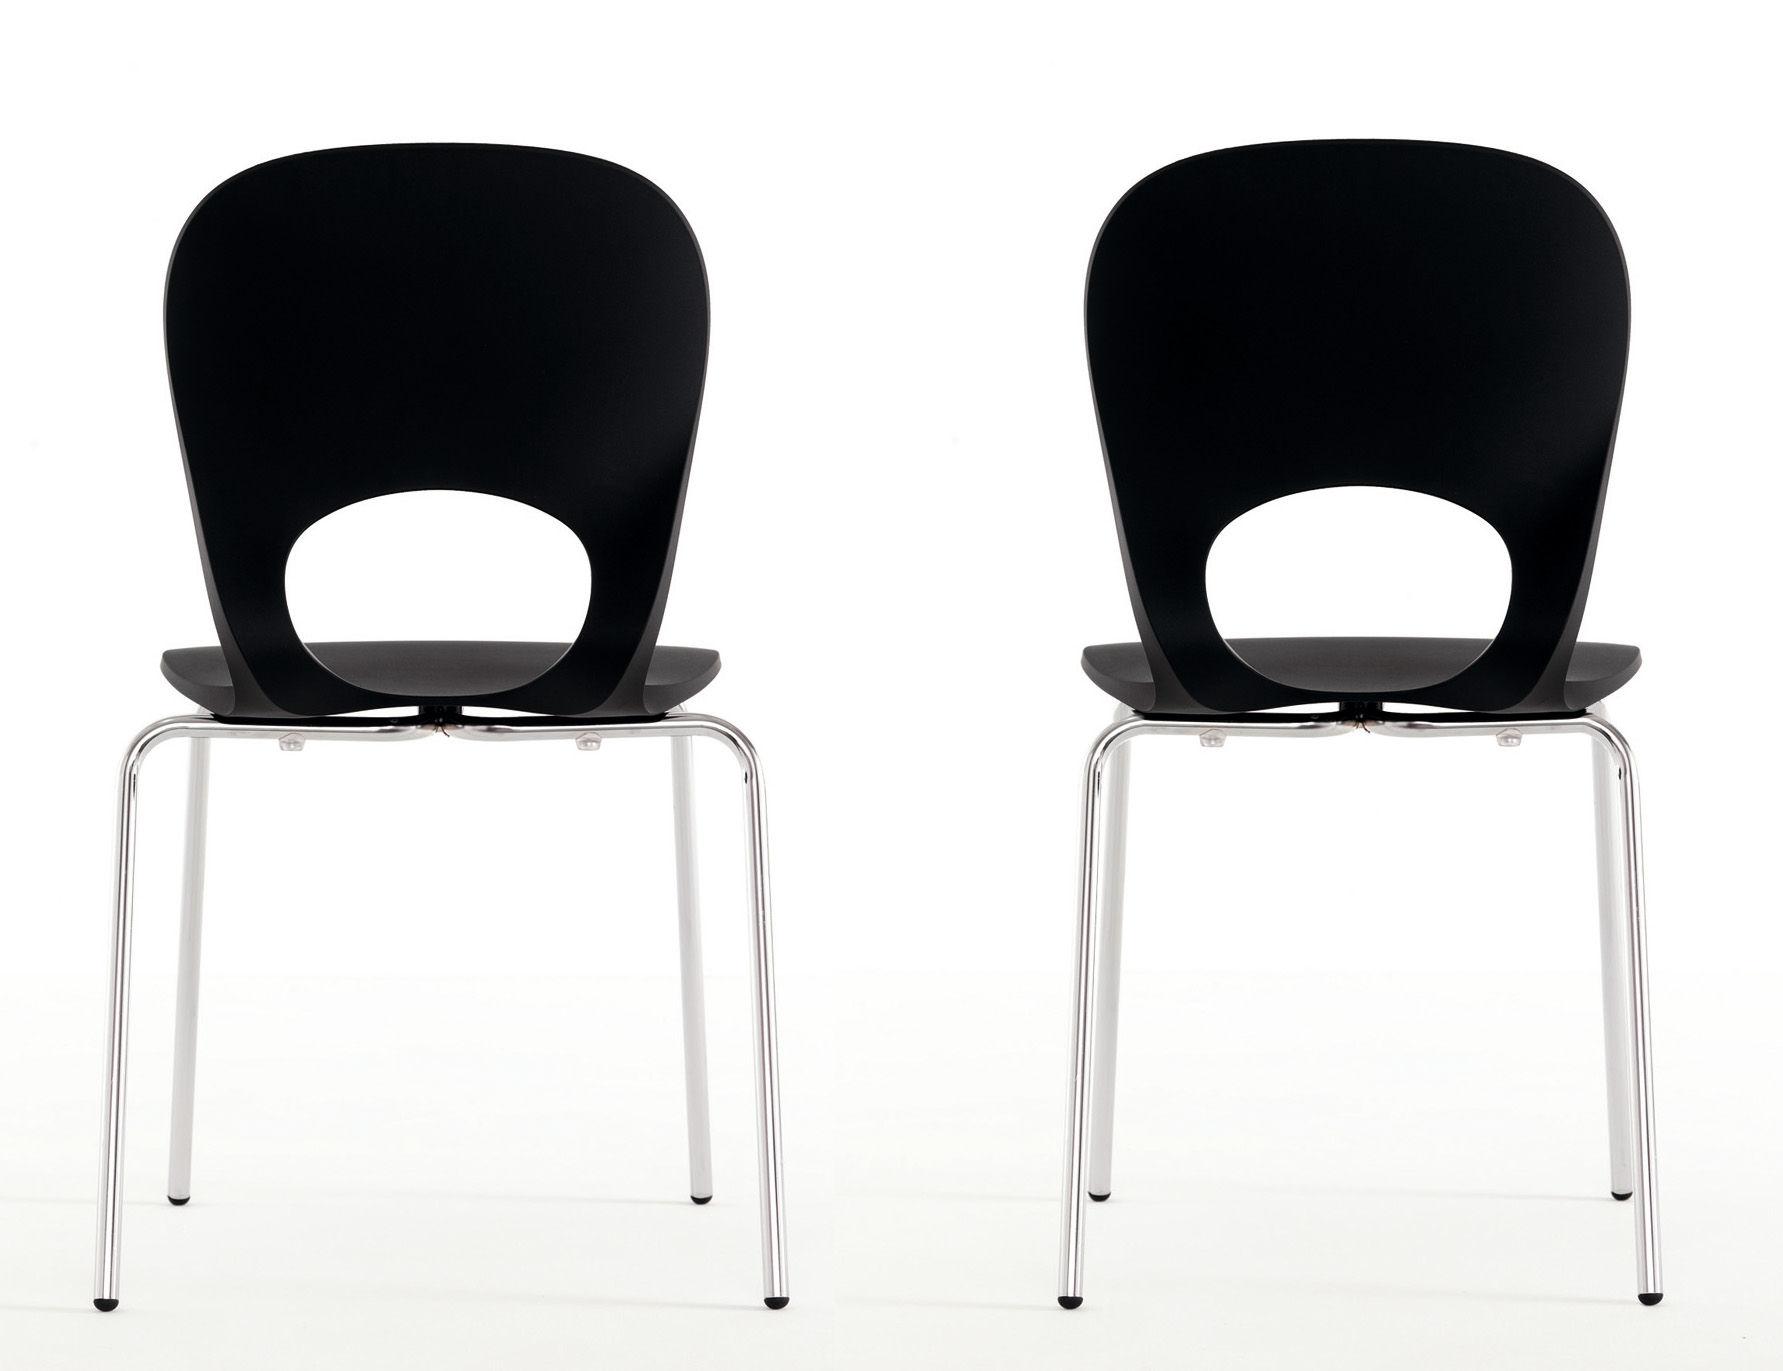 chaise empilable pikaia plastique pieds m tal noir. Black Bedroom Furniture Sets. Home Design Ideas